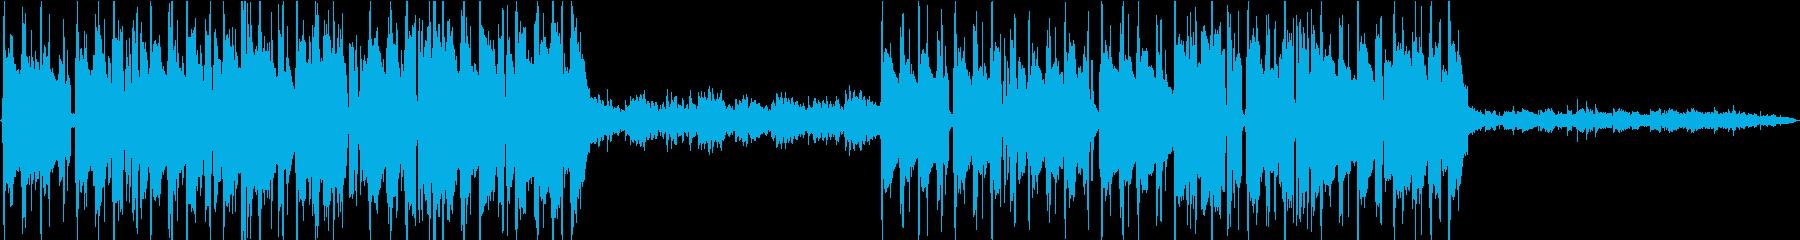 朧気・切ない・lofi hiphop③の再生済みの波形